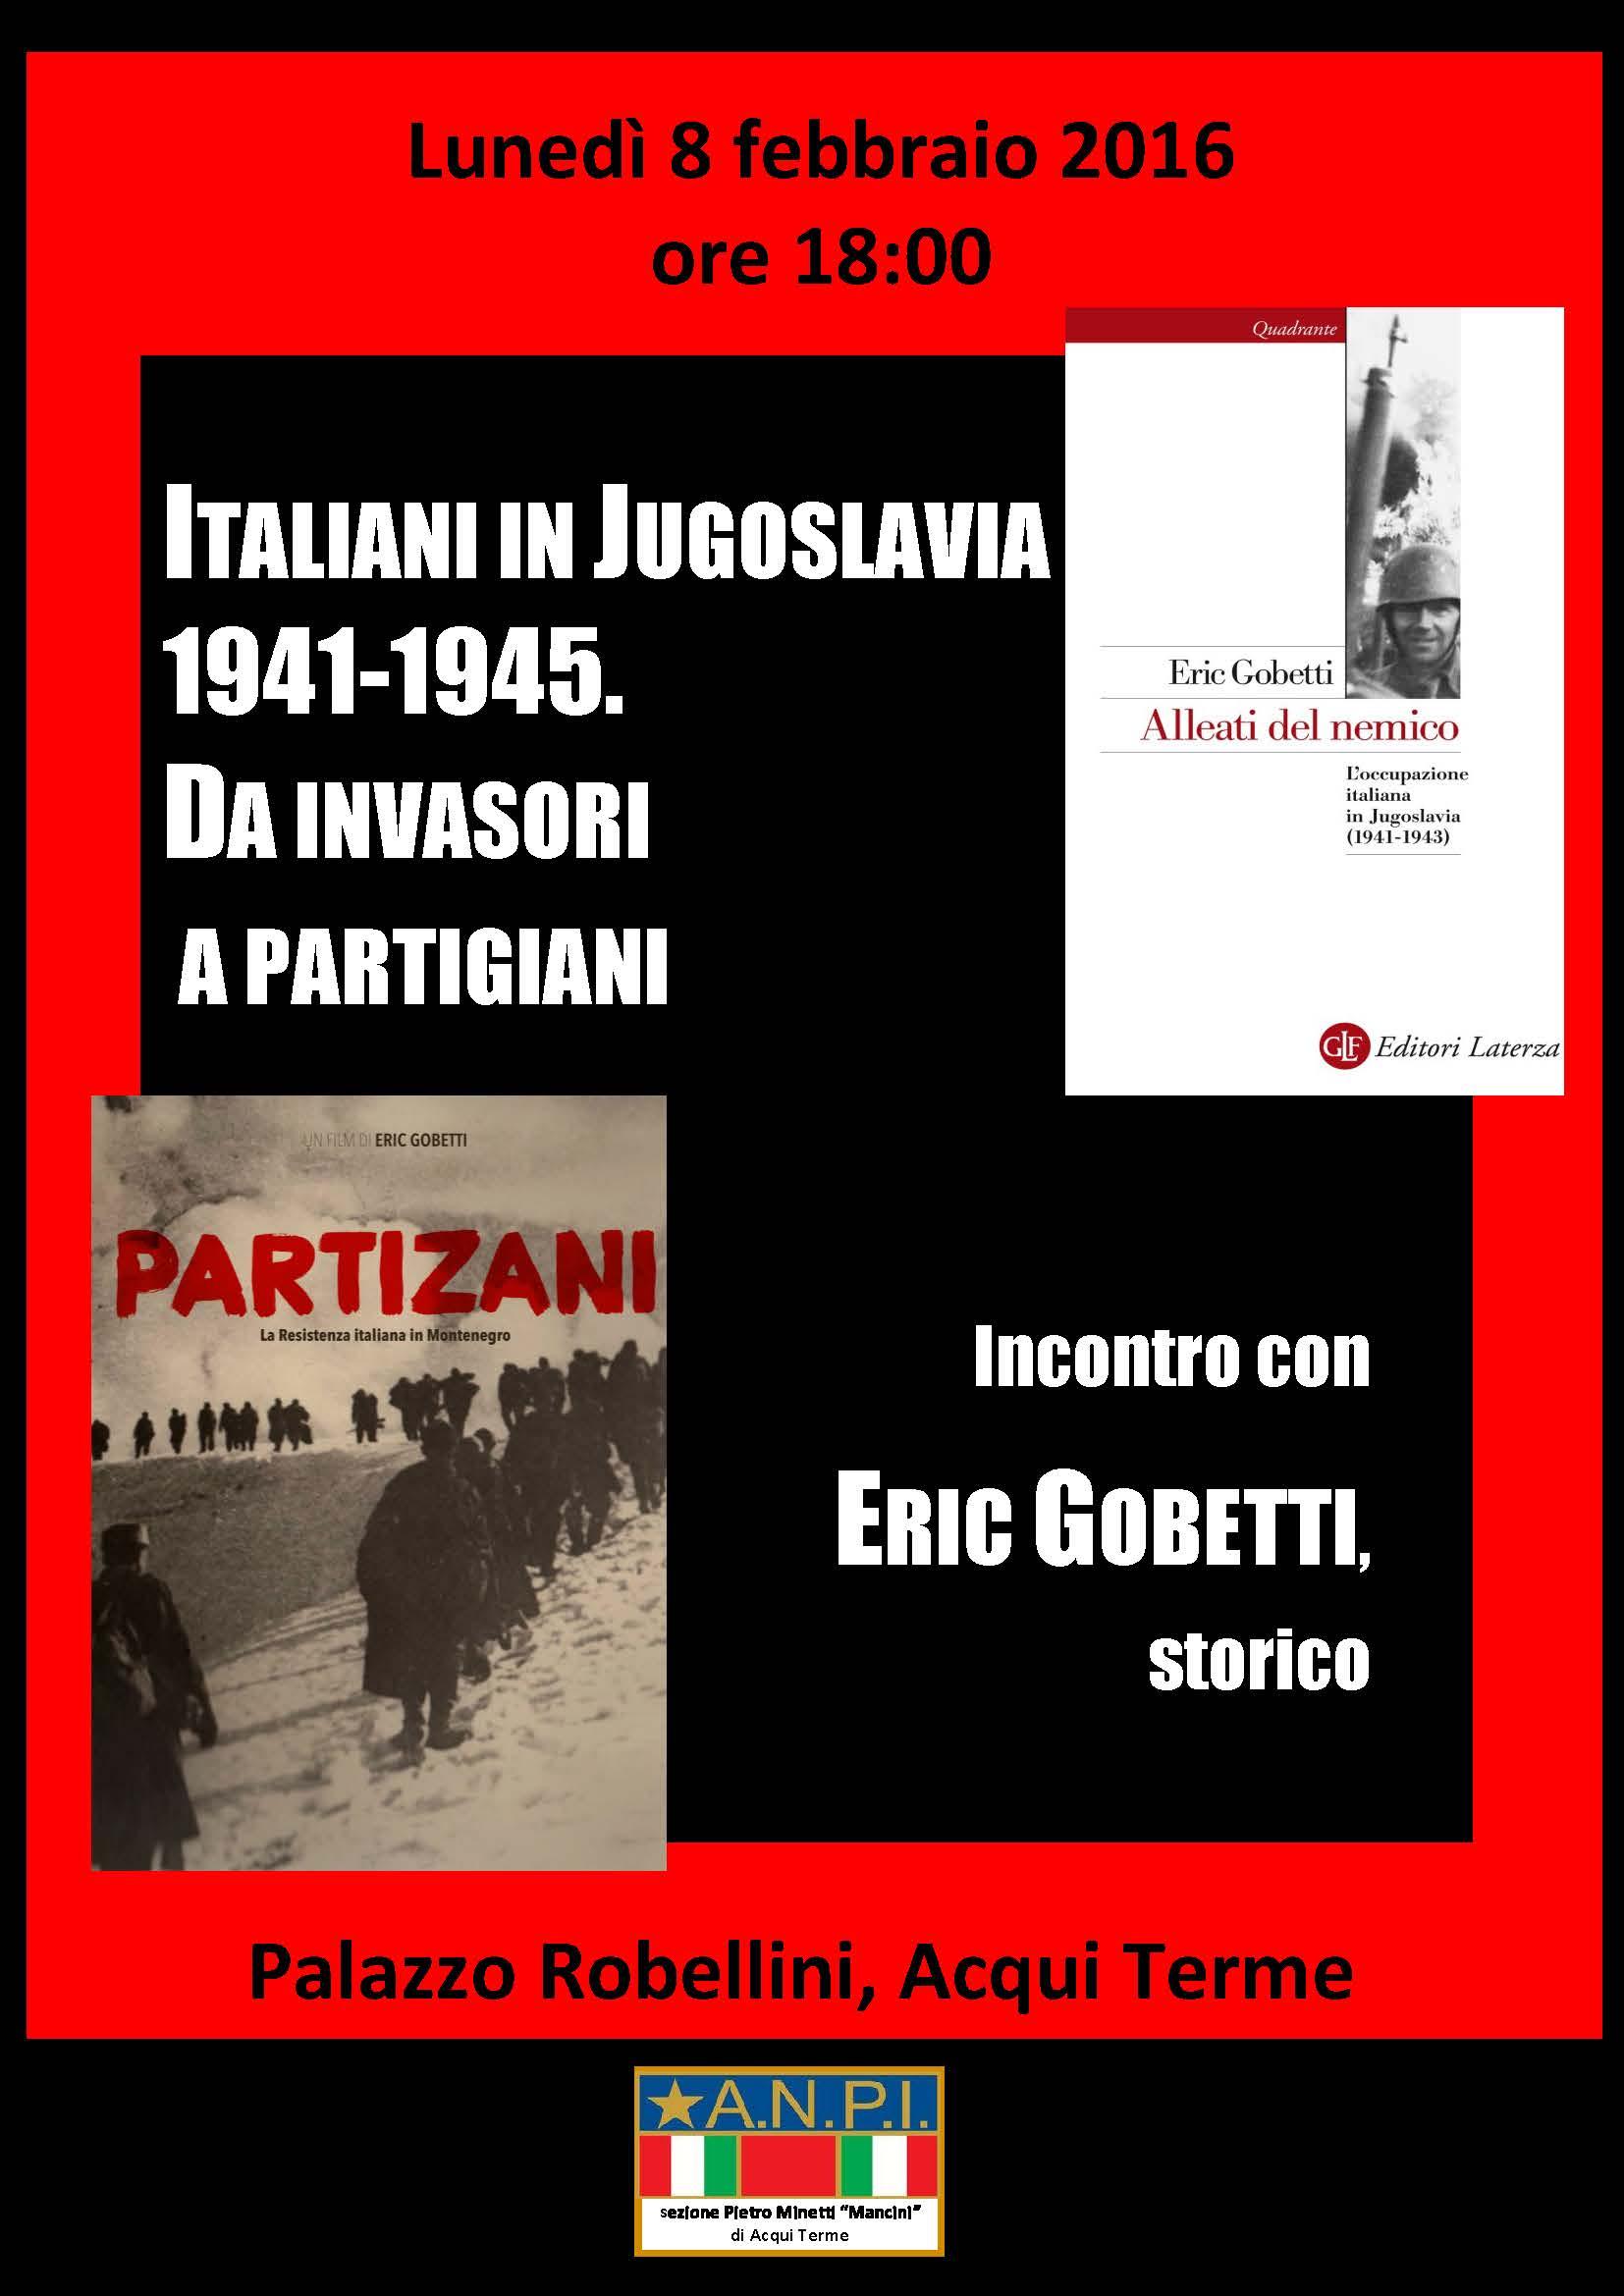 Acqui Terme  -lunedì 8 febbraio 2016 ore 18 con Eric Gobetti si discute di: Italiani in Jugoslavia 1941-1945 – da invasori a Partigiani –